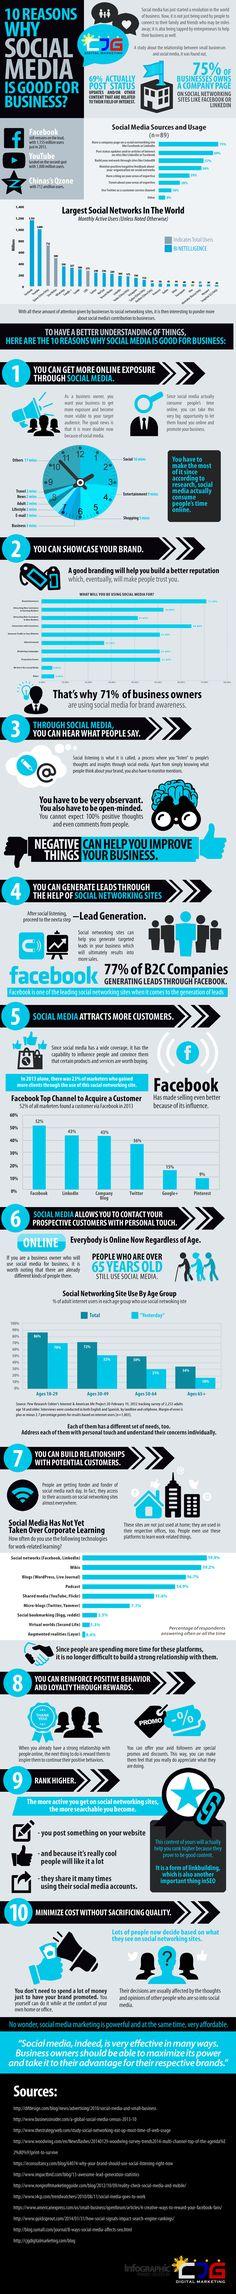 10 Gründe: Warum ist Social Media gut für Ihr Business #socialmedia #infographic @JomerGregorio